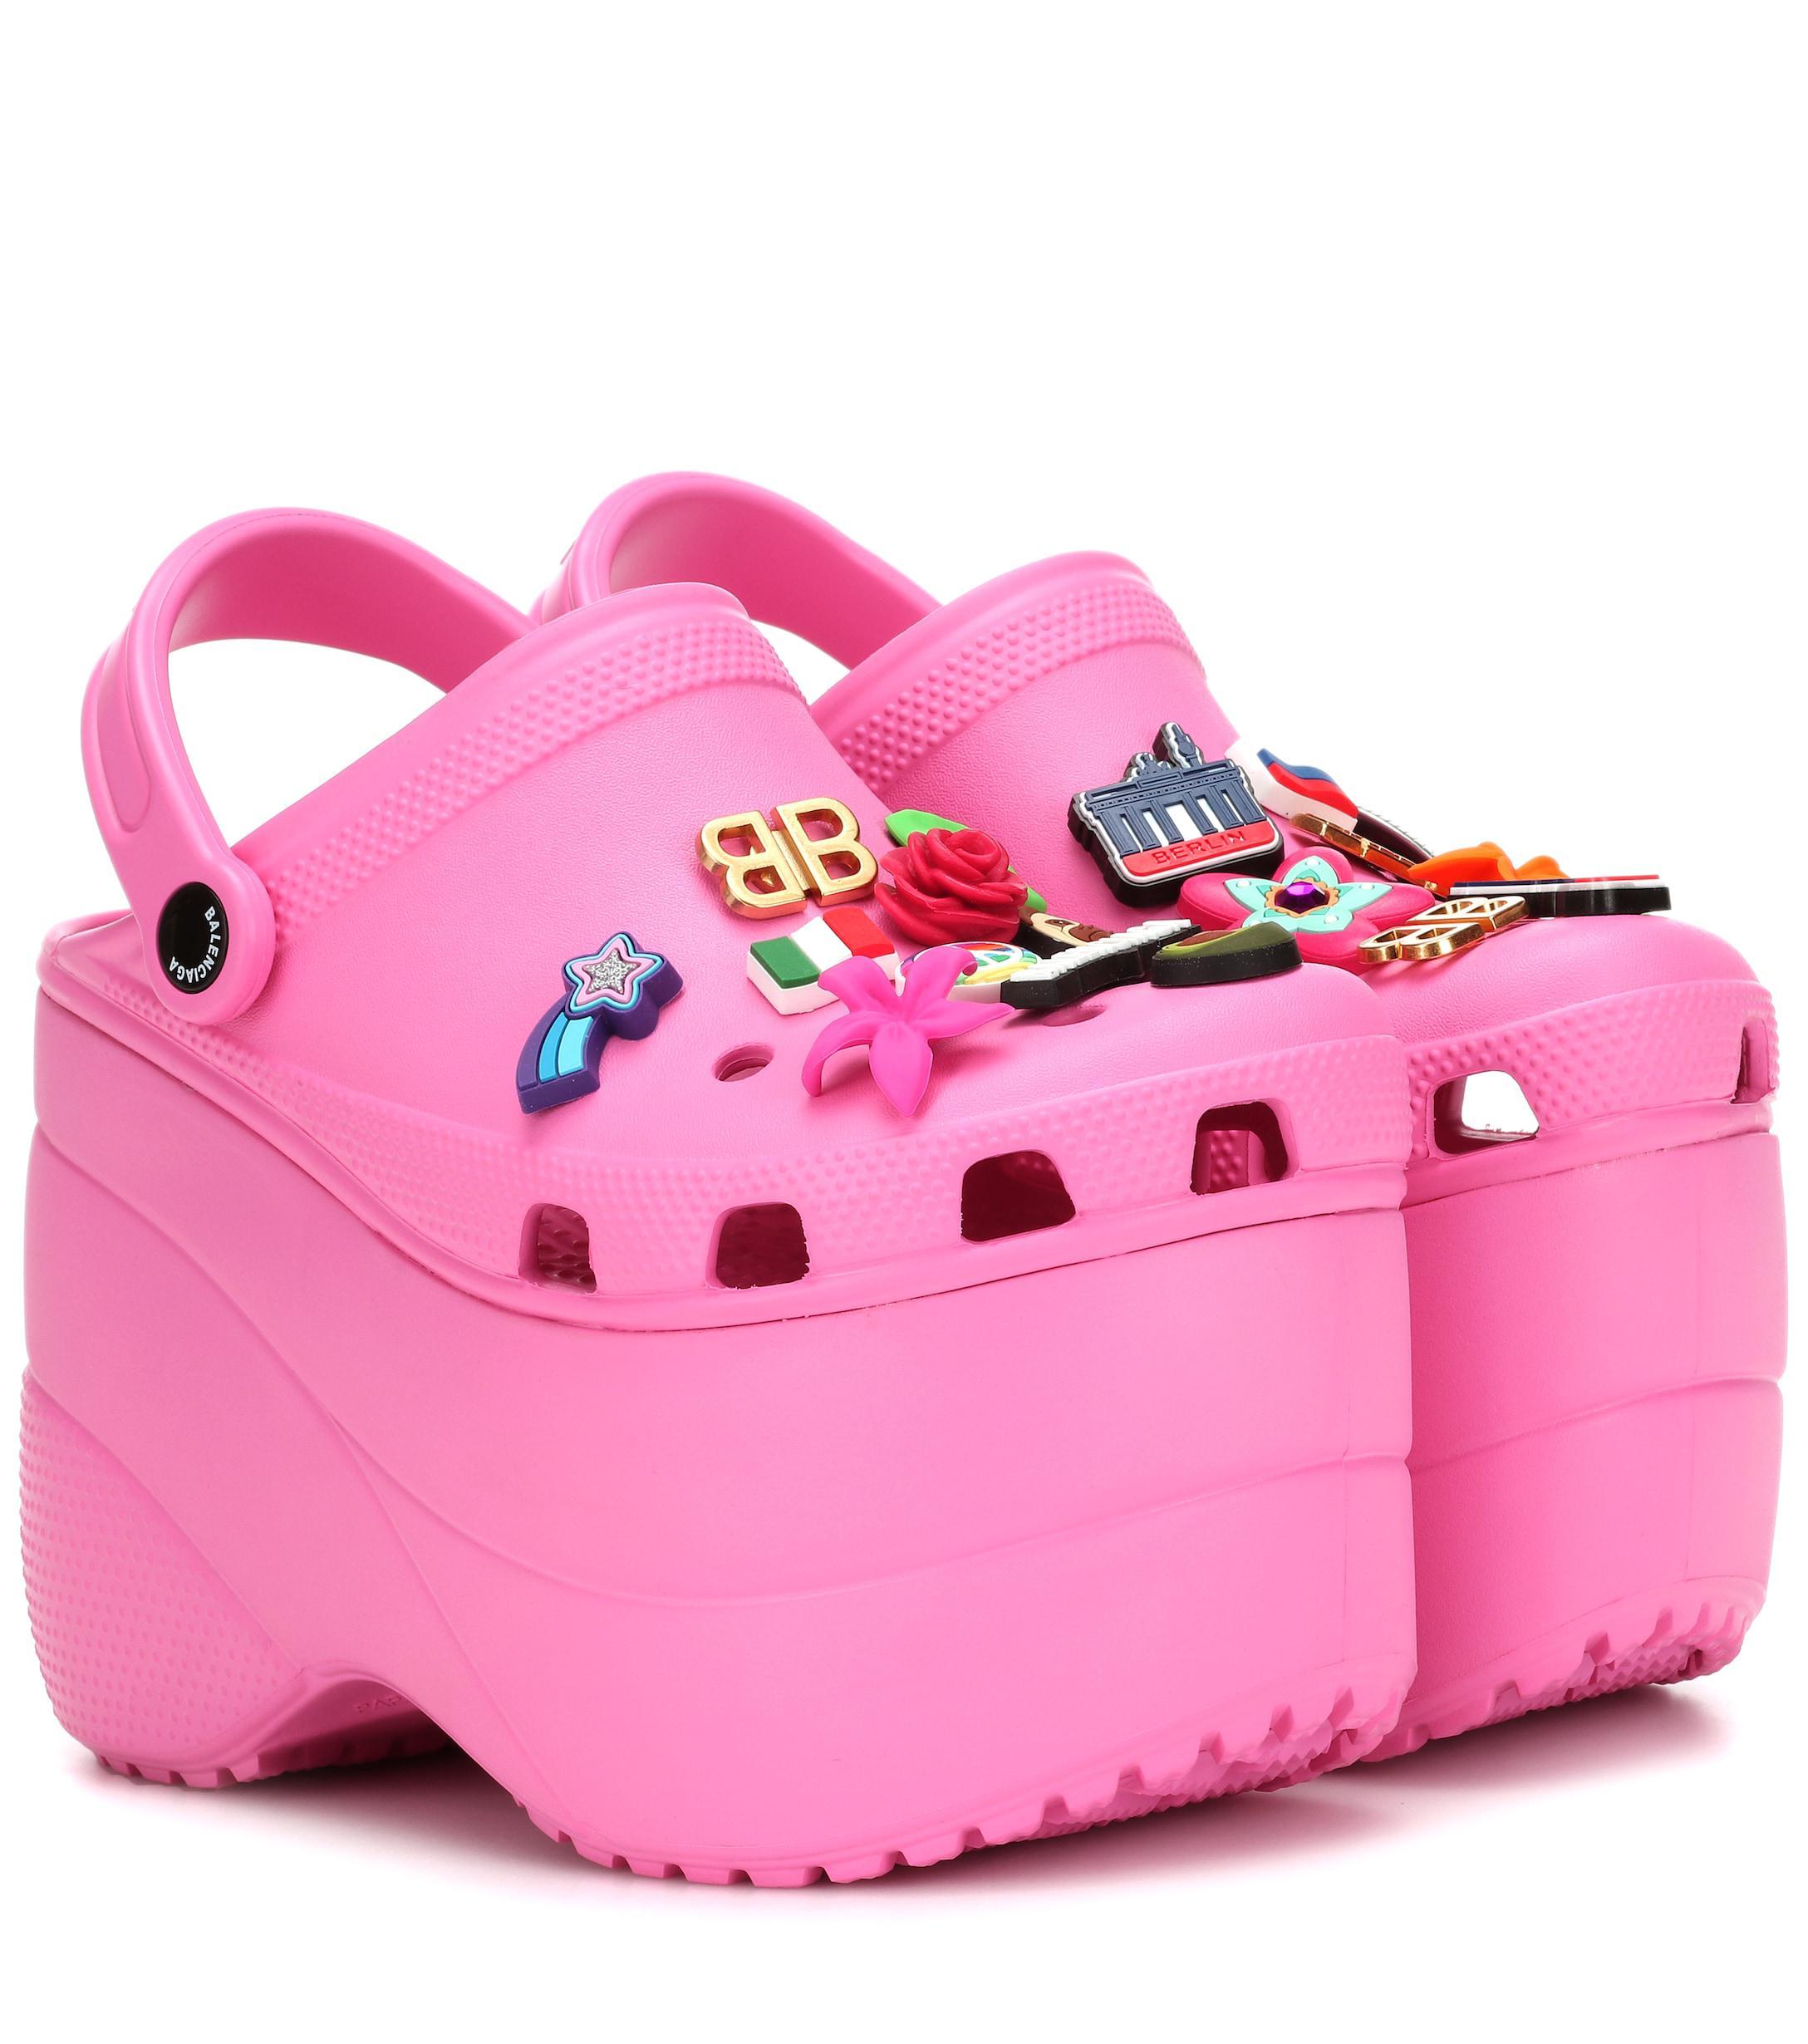 78de2fc85a52 balenciaga women s crocs. Lyst - Balenciaga Platform Crocs in Pink